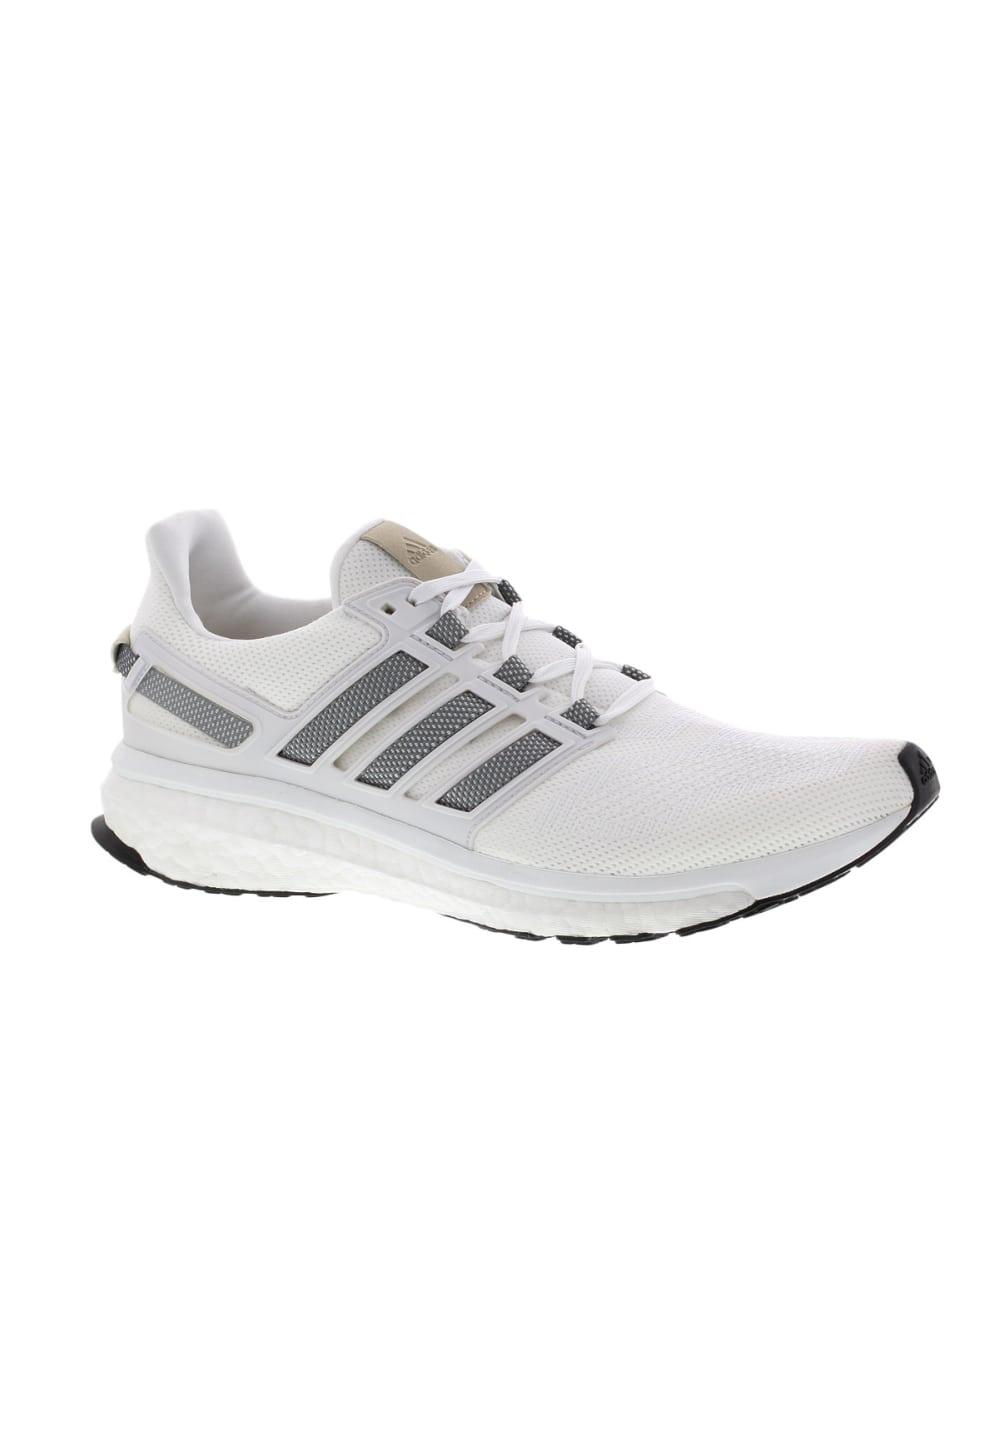 innovative design 1e9c6 c34dd Next. -40%. Dieses Produkt ist derzeit ausverkauft. adidas. Energy Boost 3  - Laufschuhe für Herren